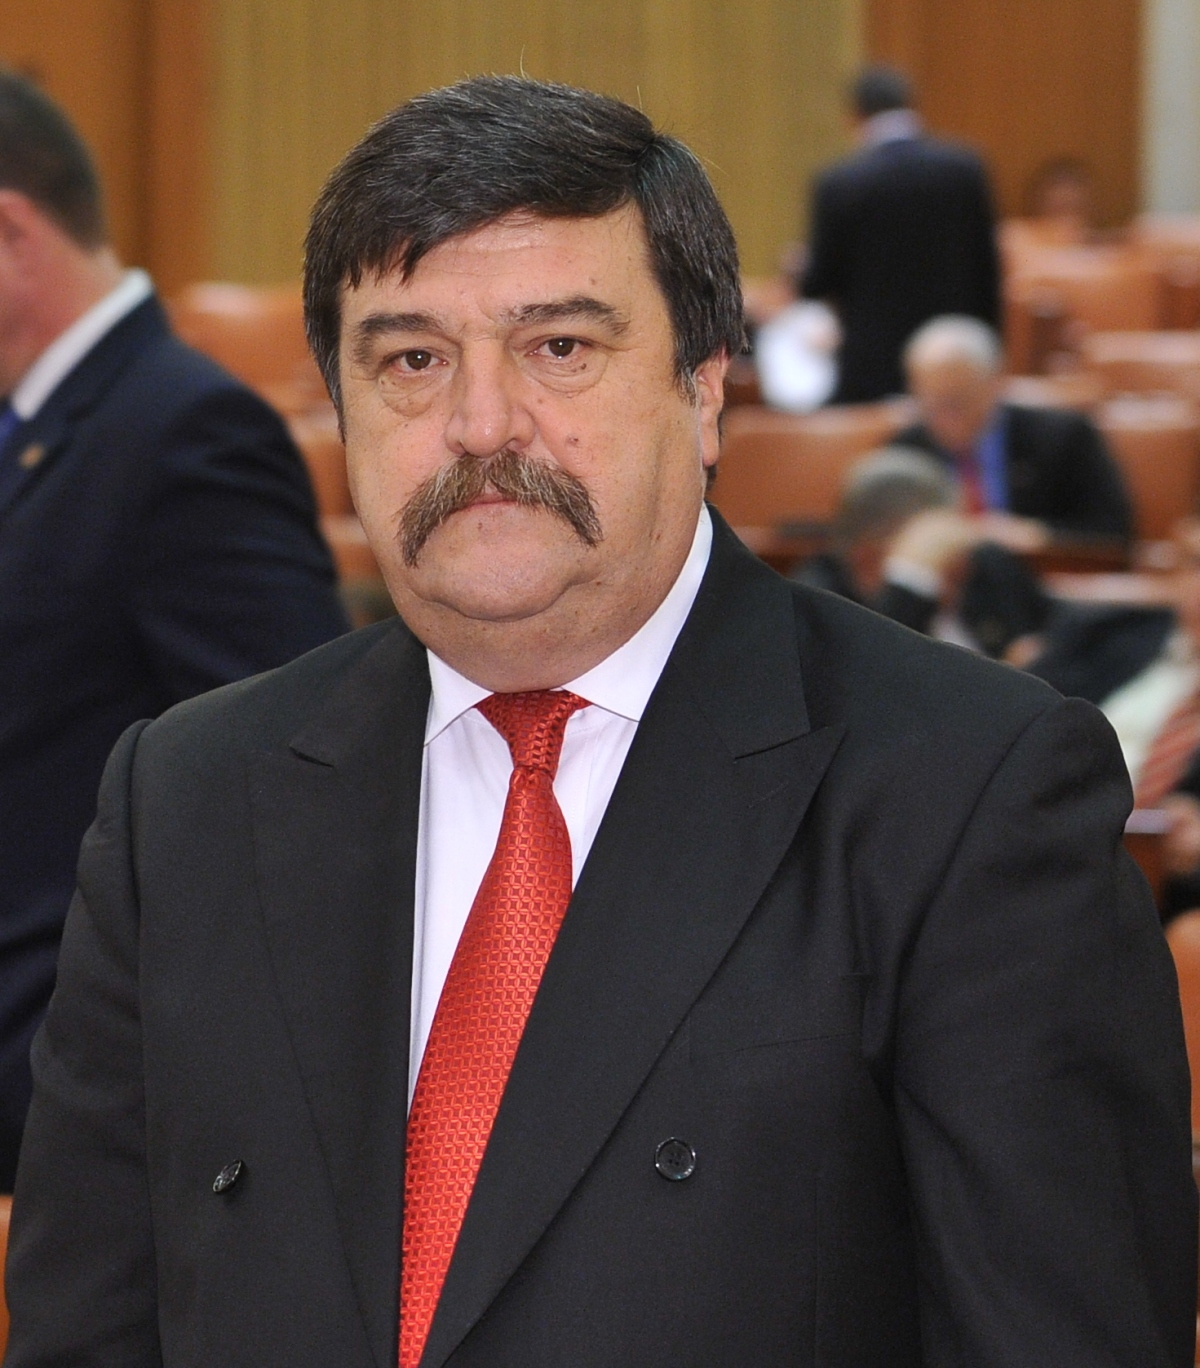 Colegiul Senatorial al lui Toni Greblă scos la alegerile din 25 mai2014